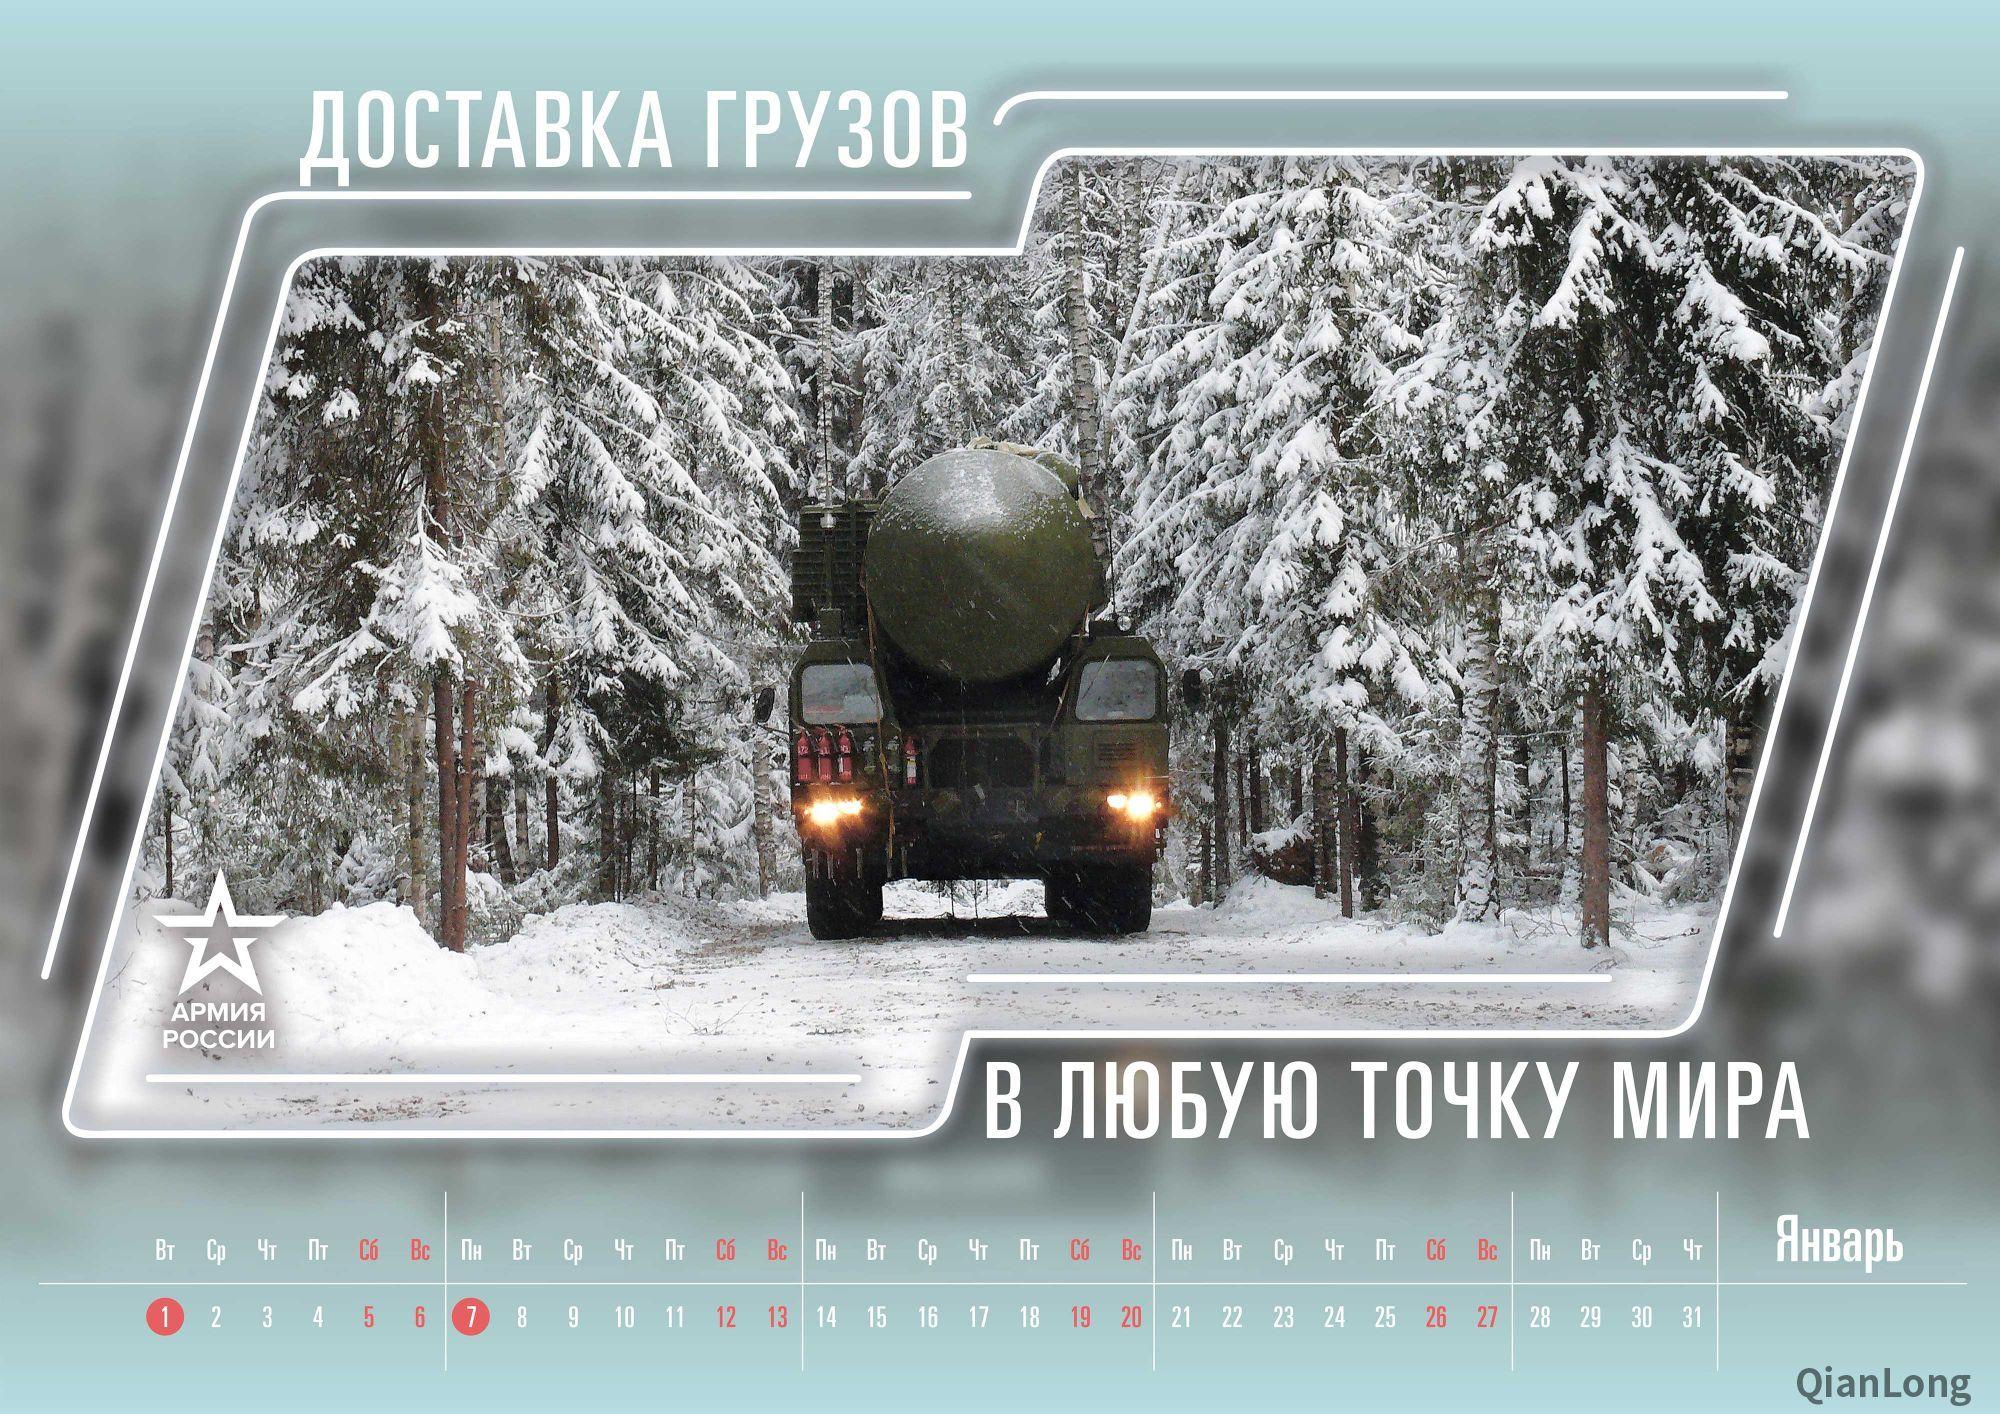 俄军2019年年历对外公布 3个军种和2个独立兵种纷纷出场